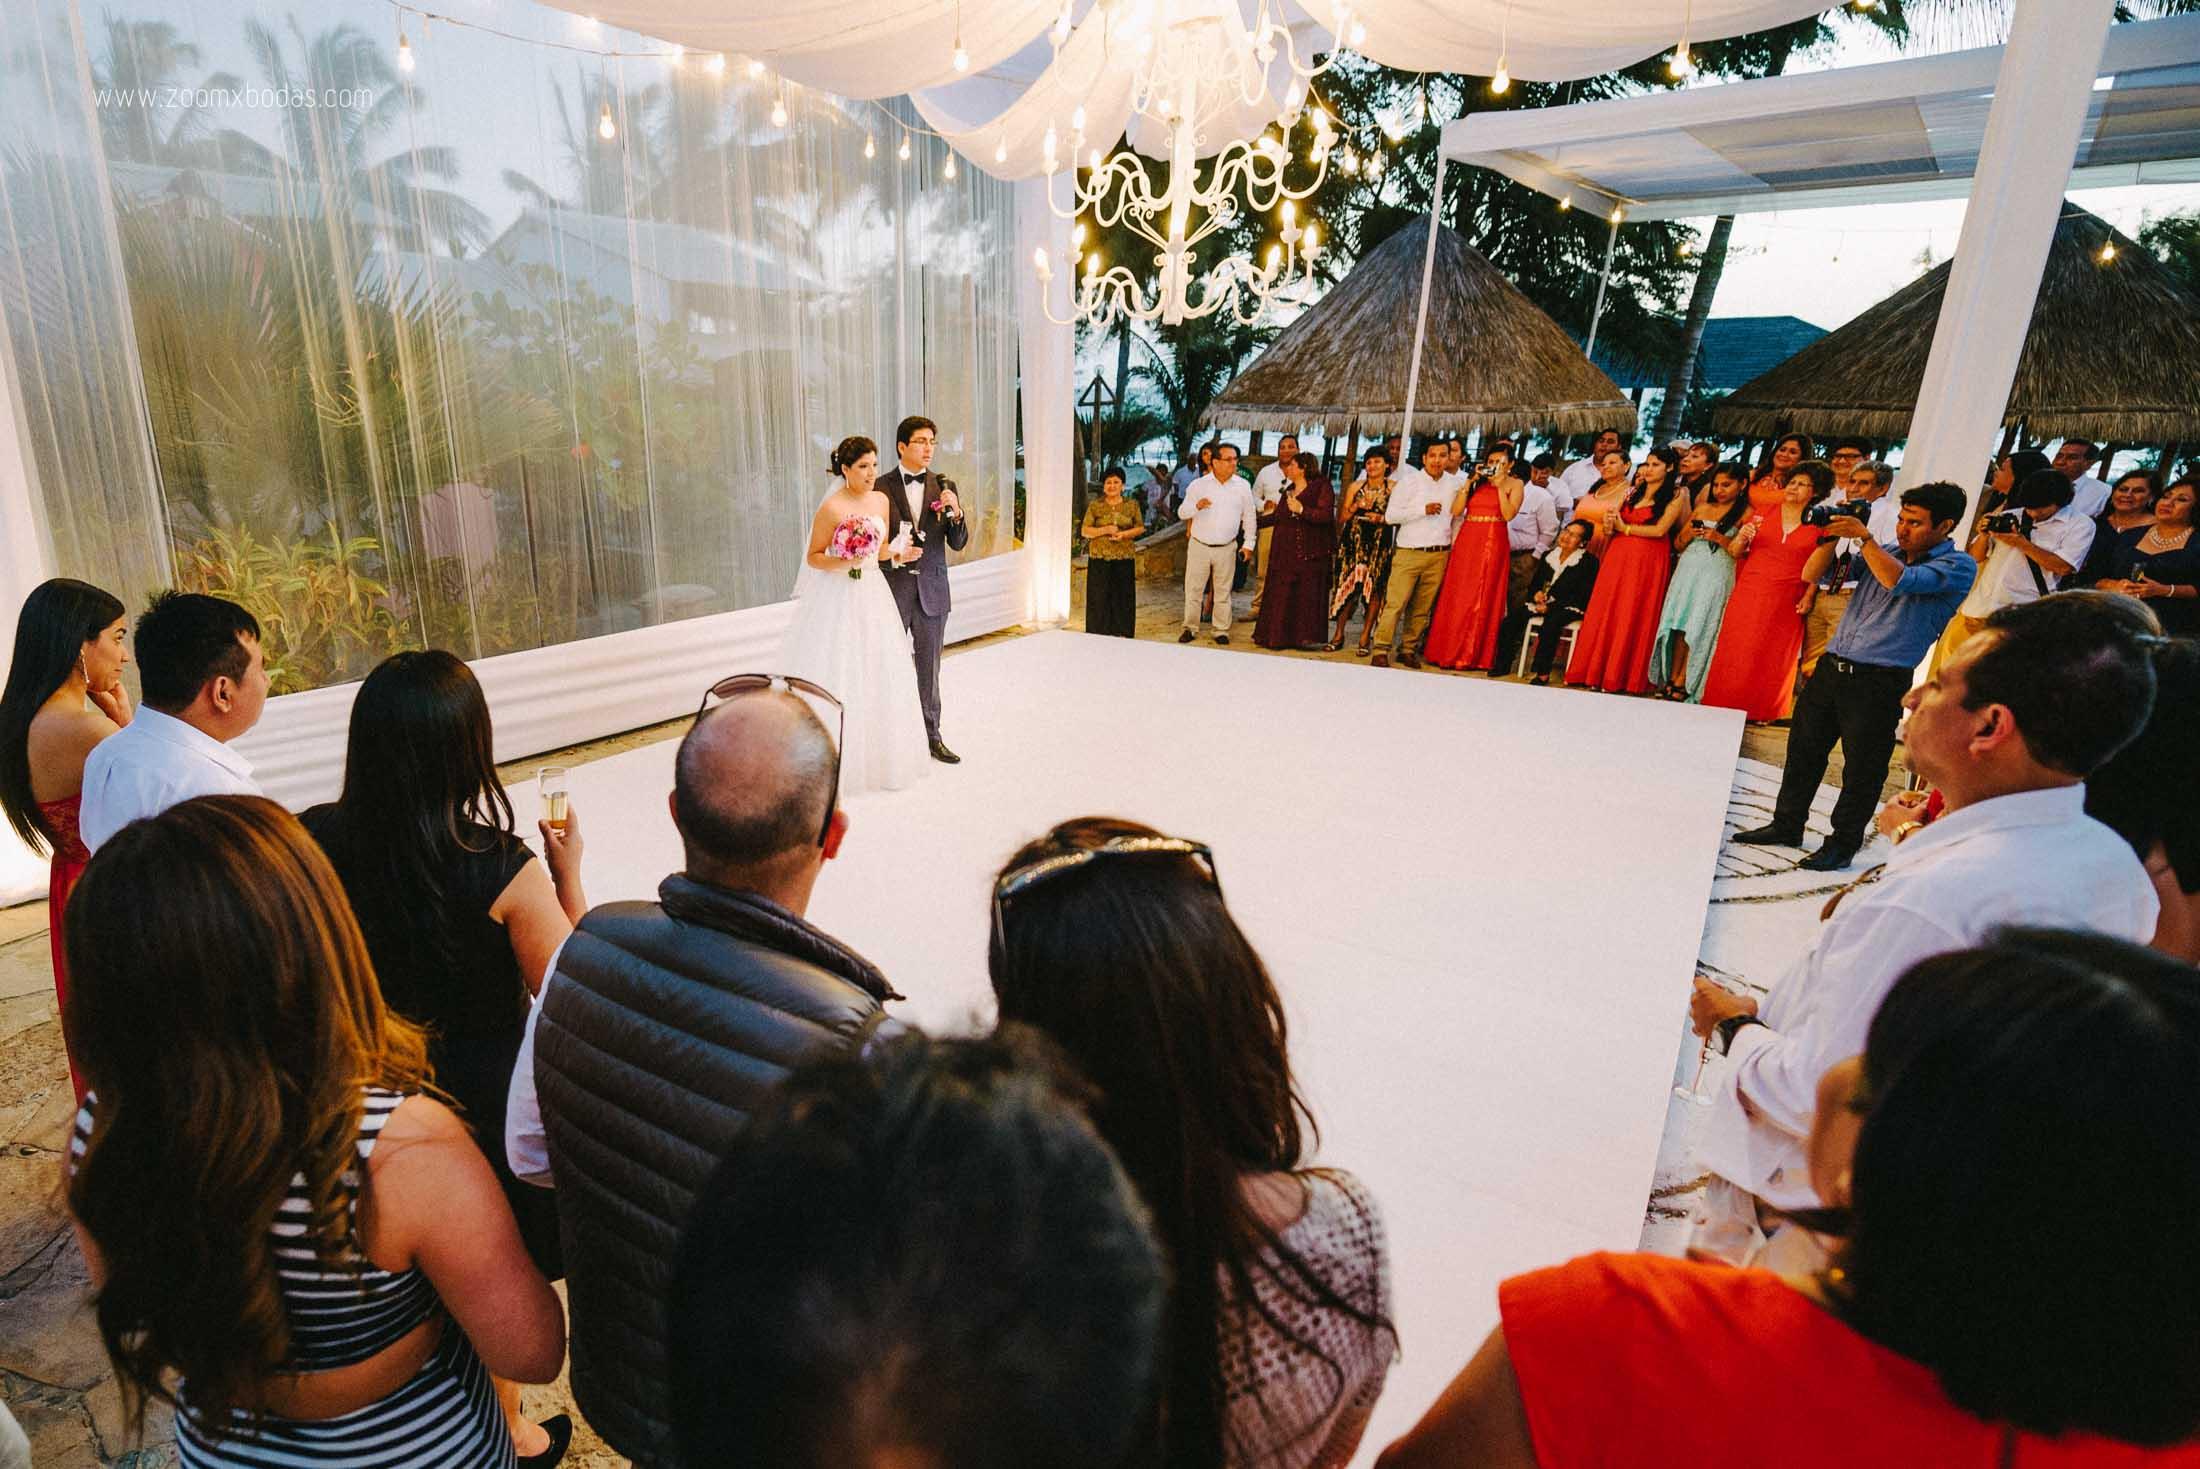 boda eliana y giancarlo, fotografo de bodas en piura, fotografo en piura, zoomxbodas, erick ruiz, zoomxstudio